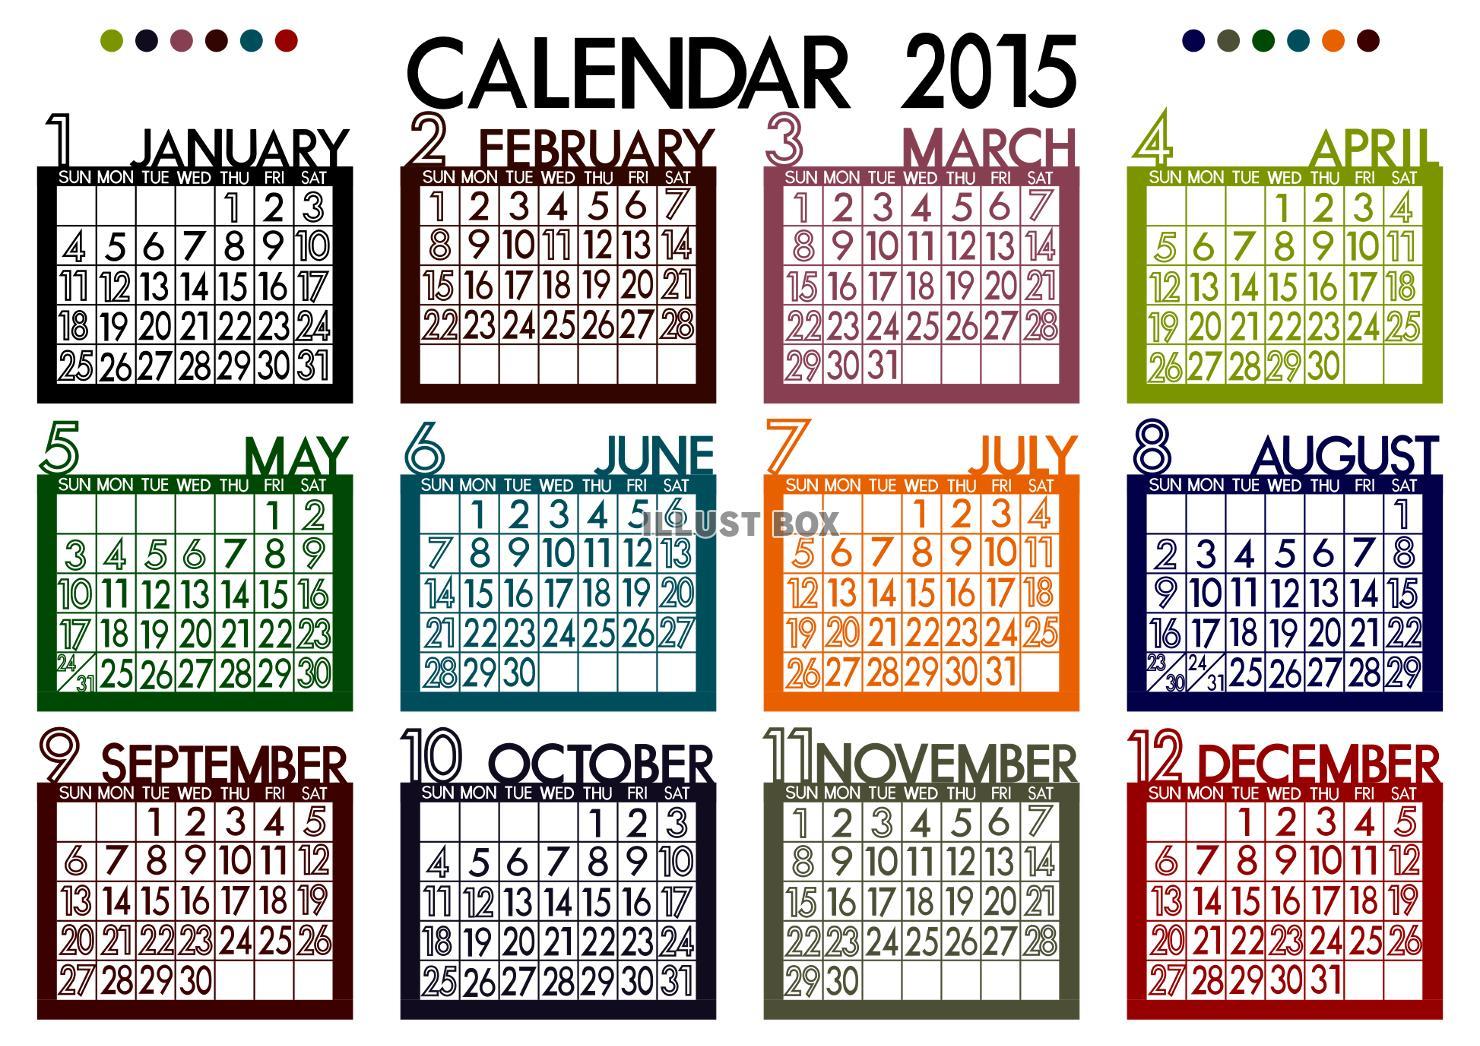 おうちで気軽に印刷無料で利用できるかわいいカレンダー